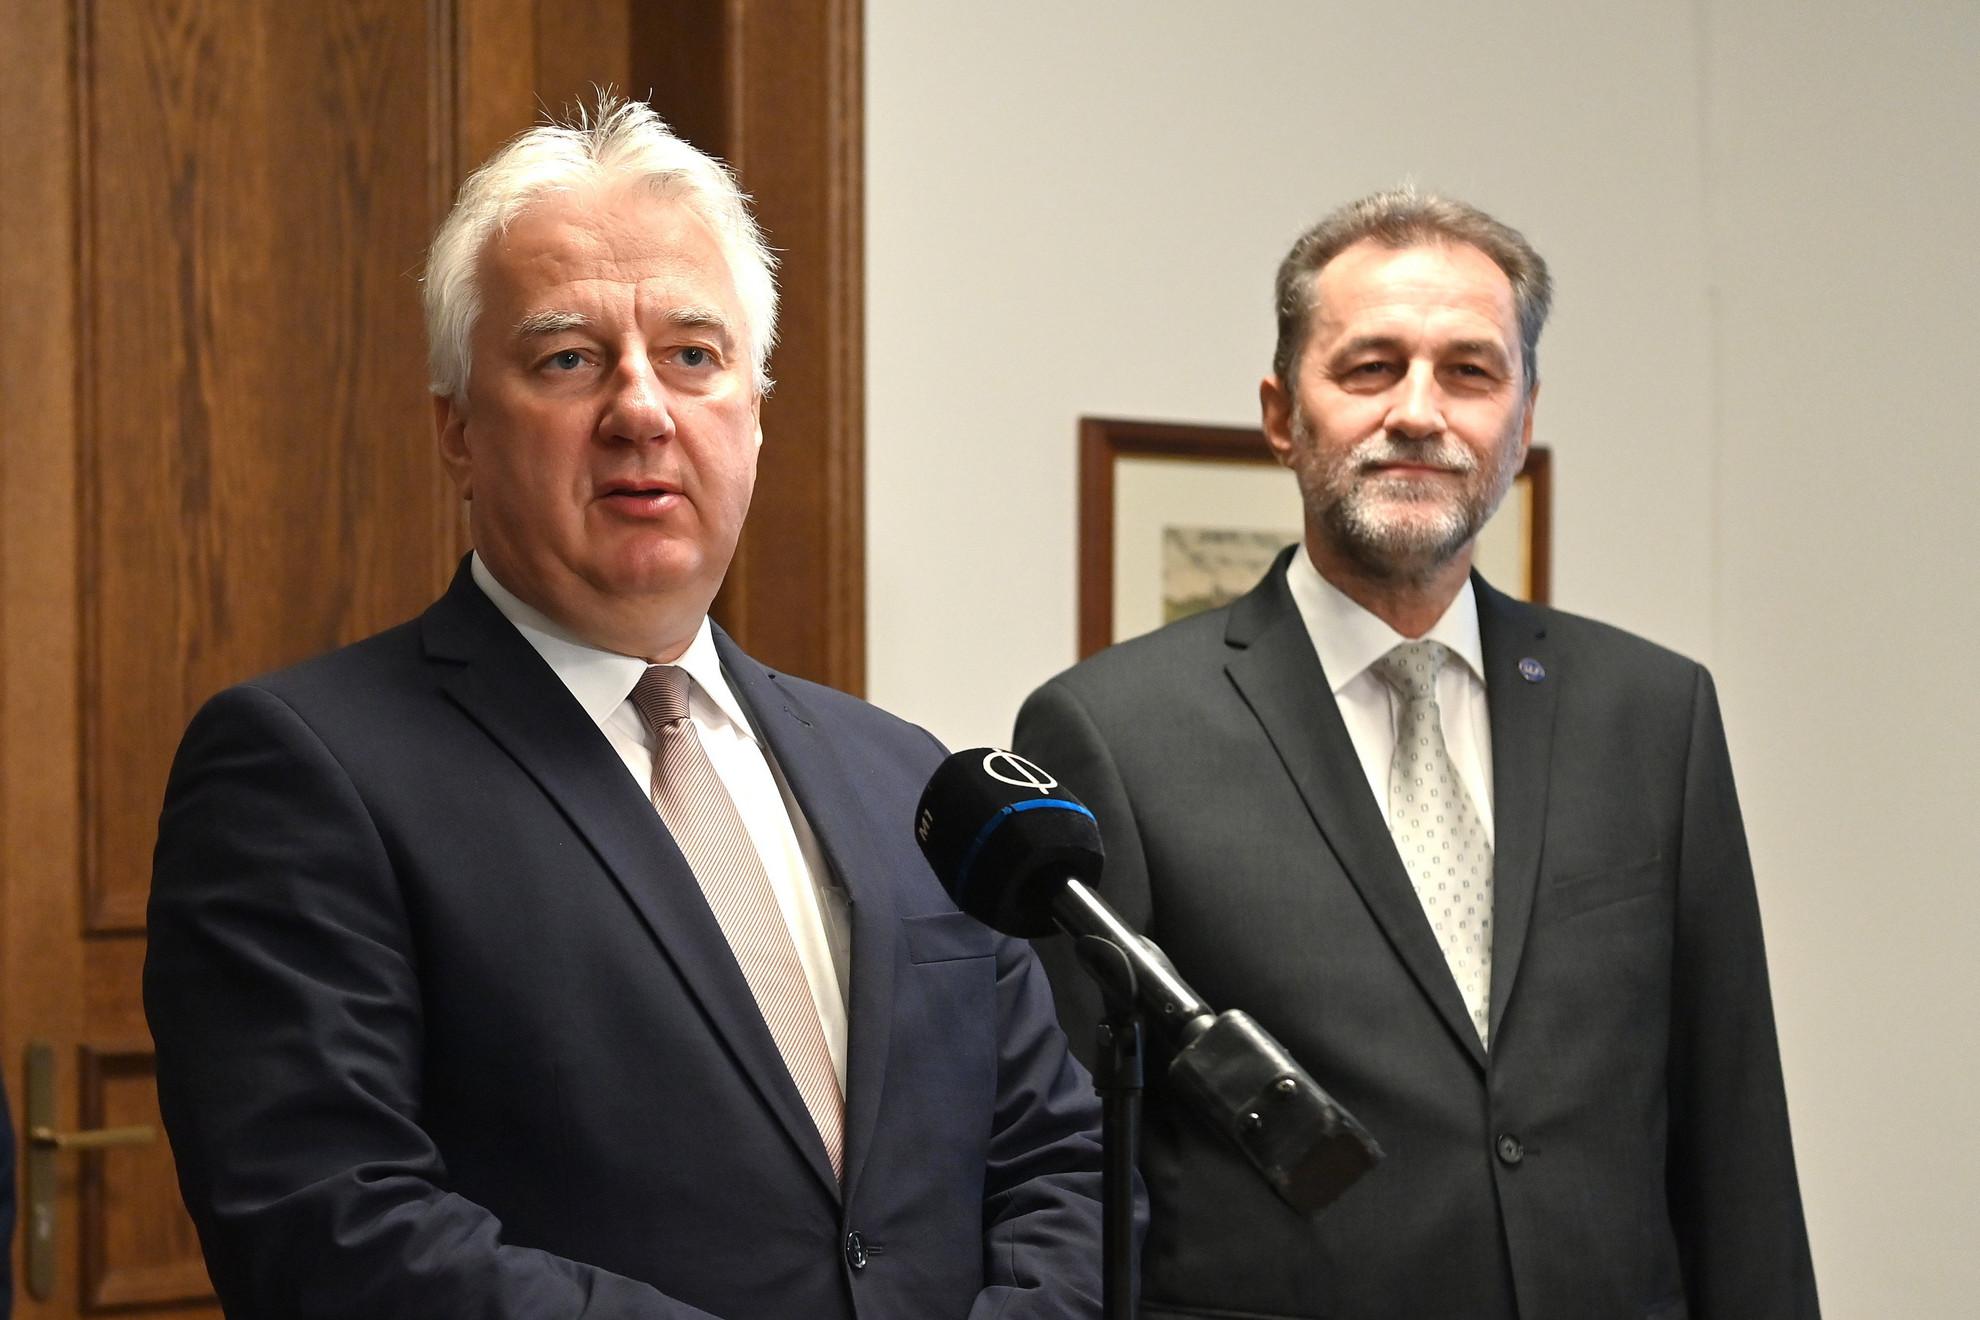 Semjén Zsolt nemzetpolitikáért, egyházügyekért és nemzetiségekért felelős miniszterelnök-helyettes (b)  beszédet mond, mielőtt átfogó megállapodást írt alá Papp Jánossal, a Magyarországi Baptista Egyház elnökével (j) a Karmelita kolostorban 2021. szeptember 20-án